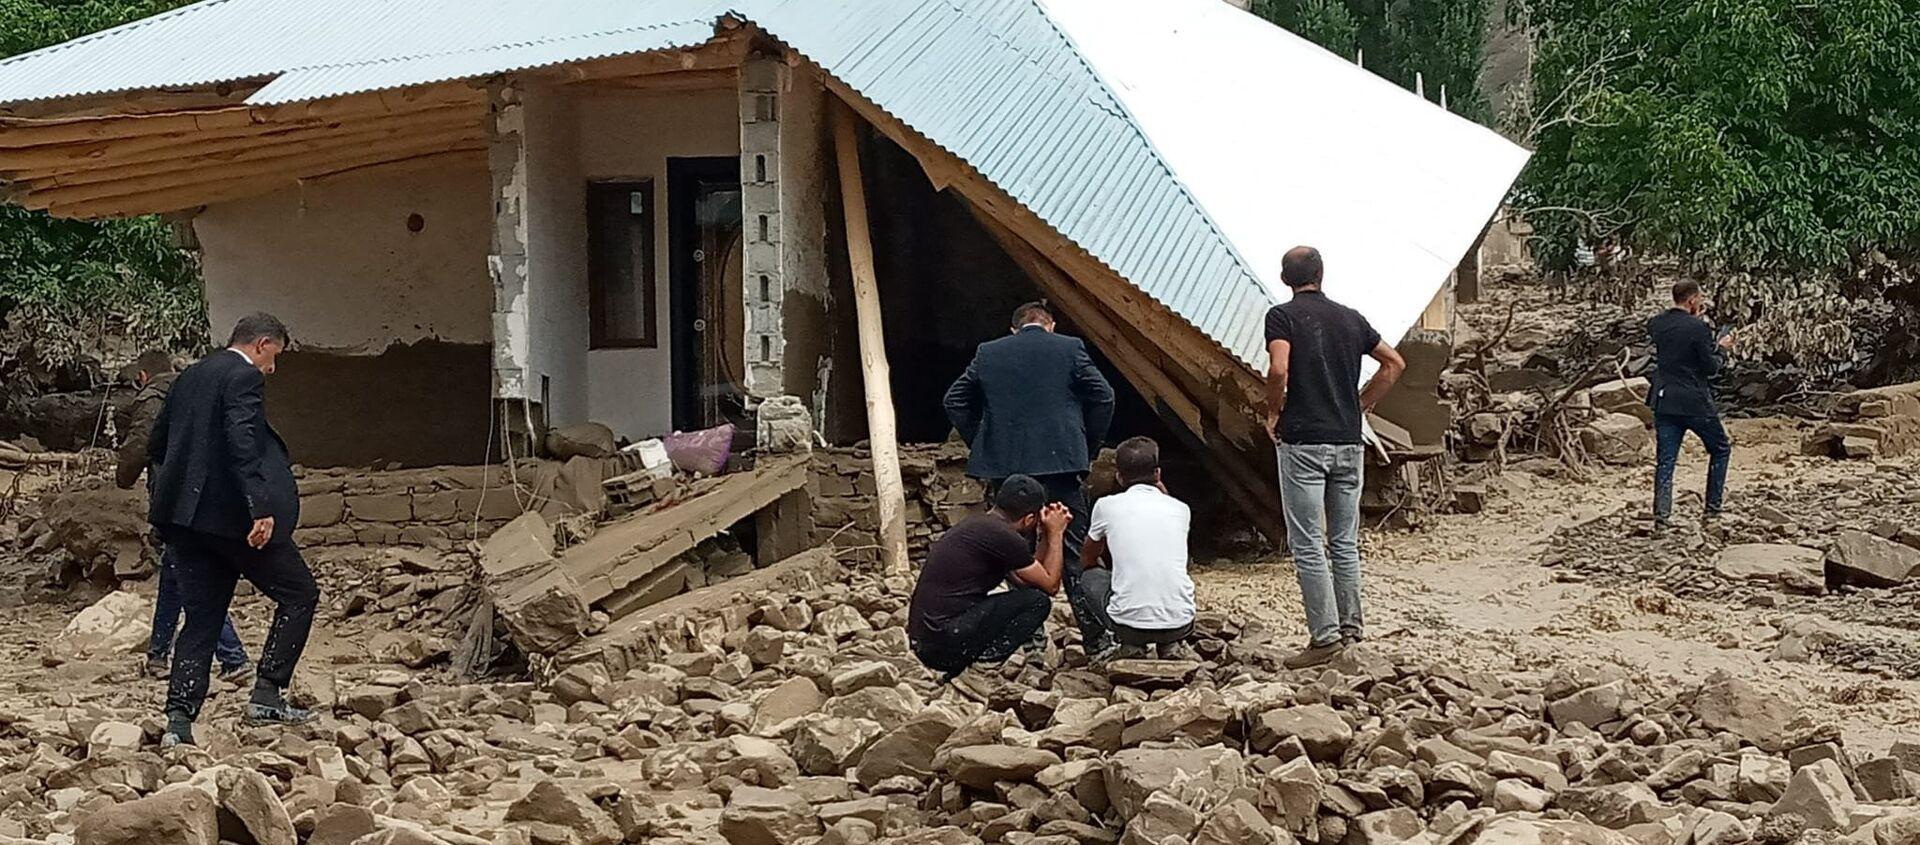 Van'ın Başkale ilçesinde aniden bastıran sağanak nedeniyle meydana gelen sel onlarca yapıyı yıkarken, sulara kapılan bir kadın ise son anda kurtarıldı. - Sputnik Türkiye, 1920, 31.07.2021